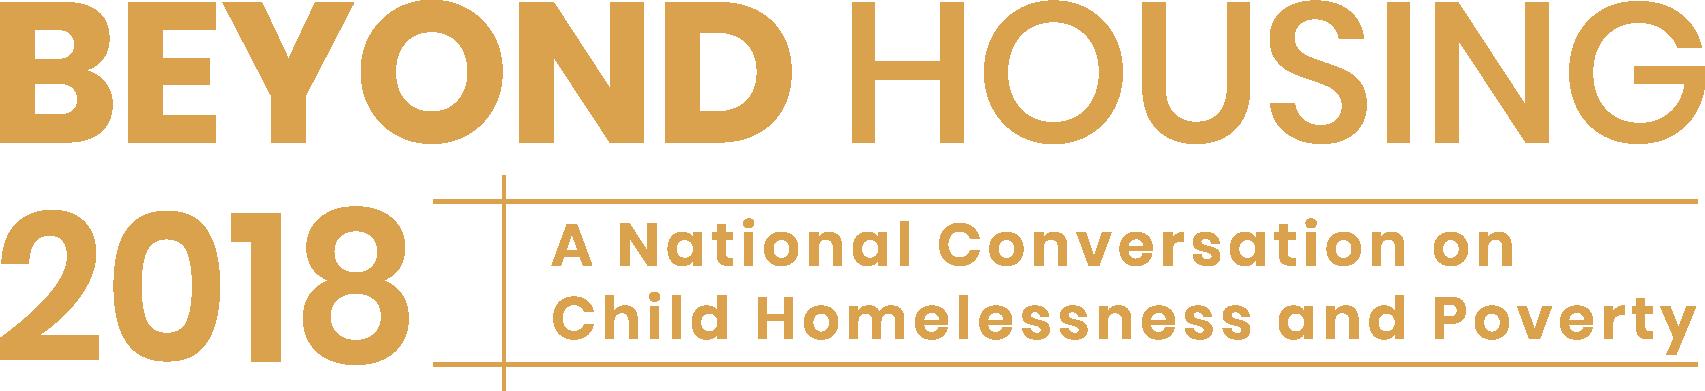 Beyond Housing 2018